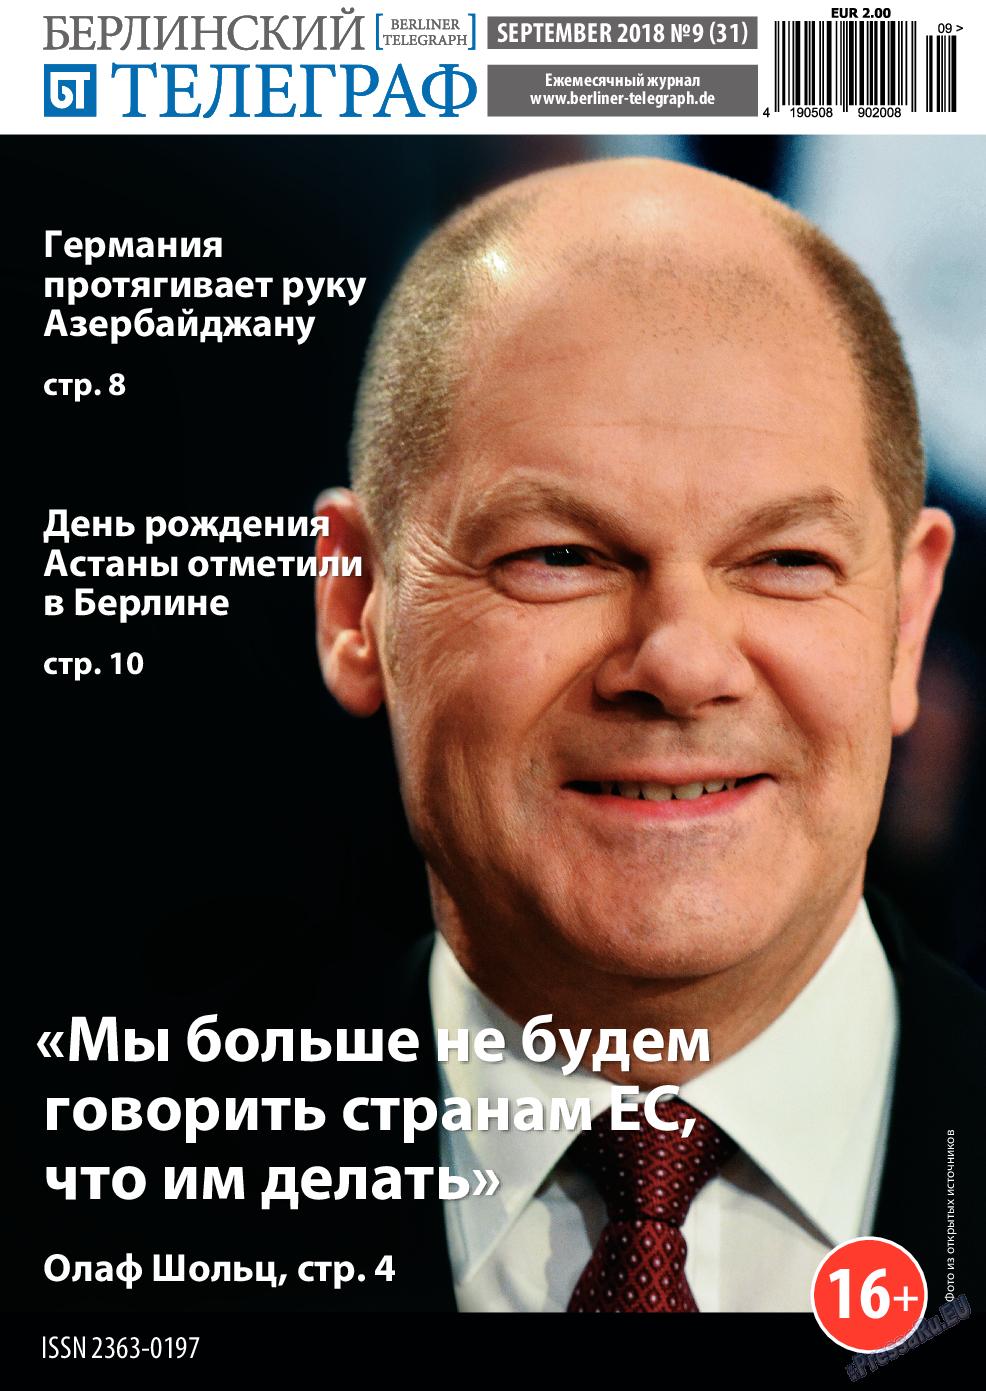 Берлинский телеграф (журнал). 2018 год, номер 31, стр. 1